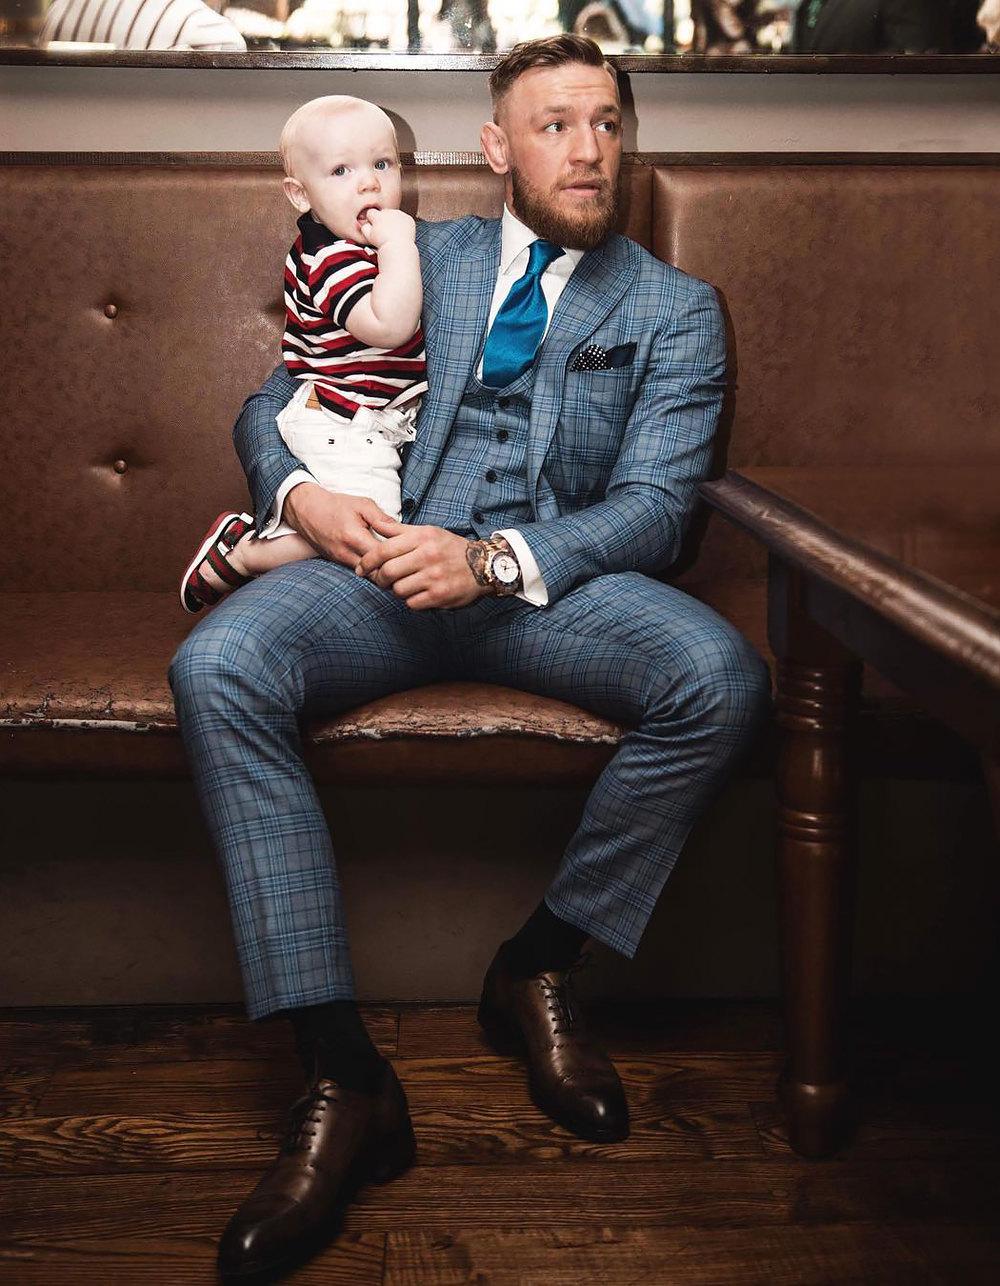 отдыха гостей конор макгрегор с сыном фото садимся поезд, встречаем